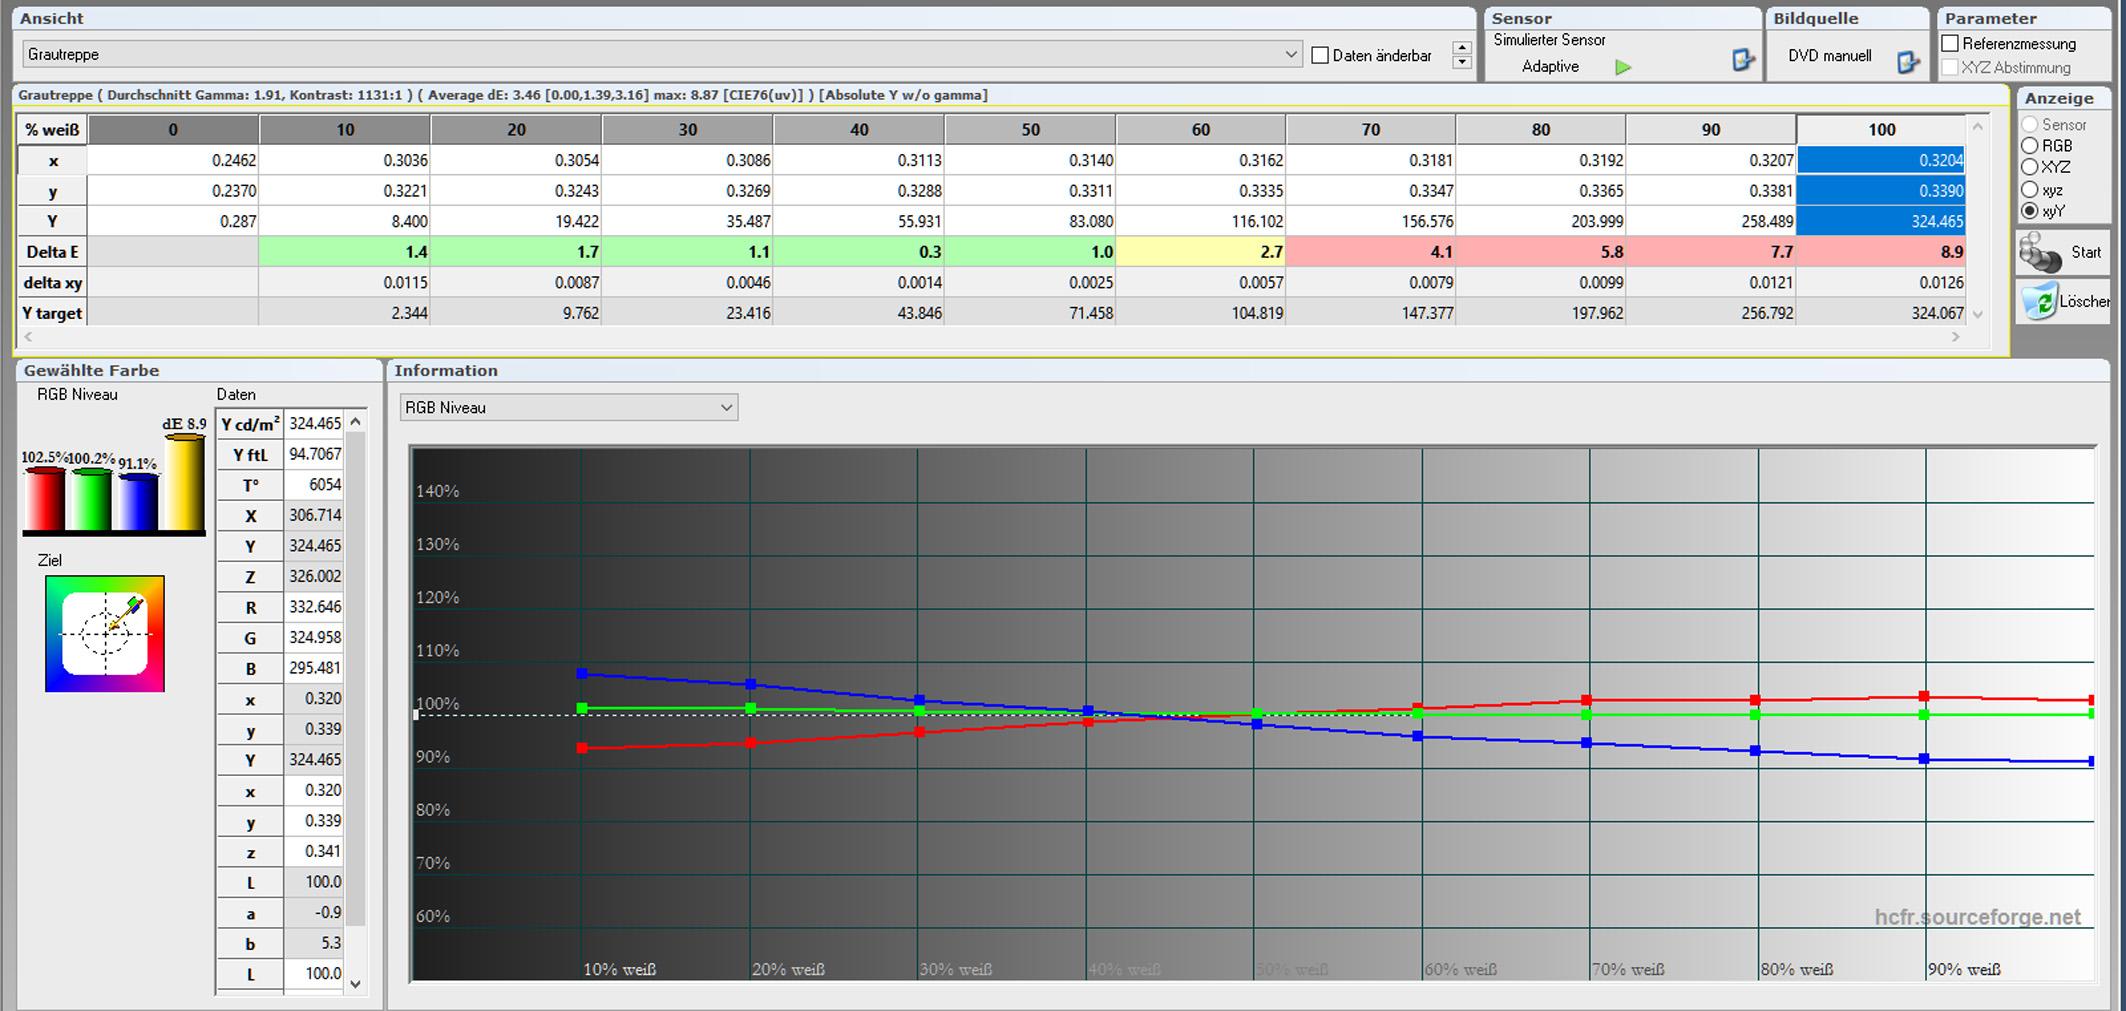 Farbtemperatur Tabelle test predator g1 z1 monitor und pc für höchste gameransprüche